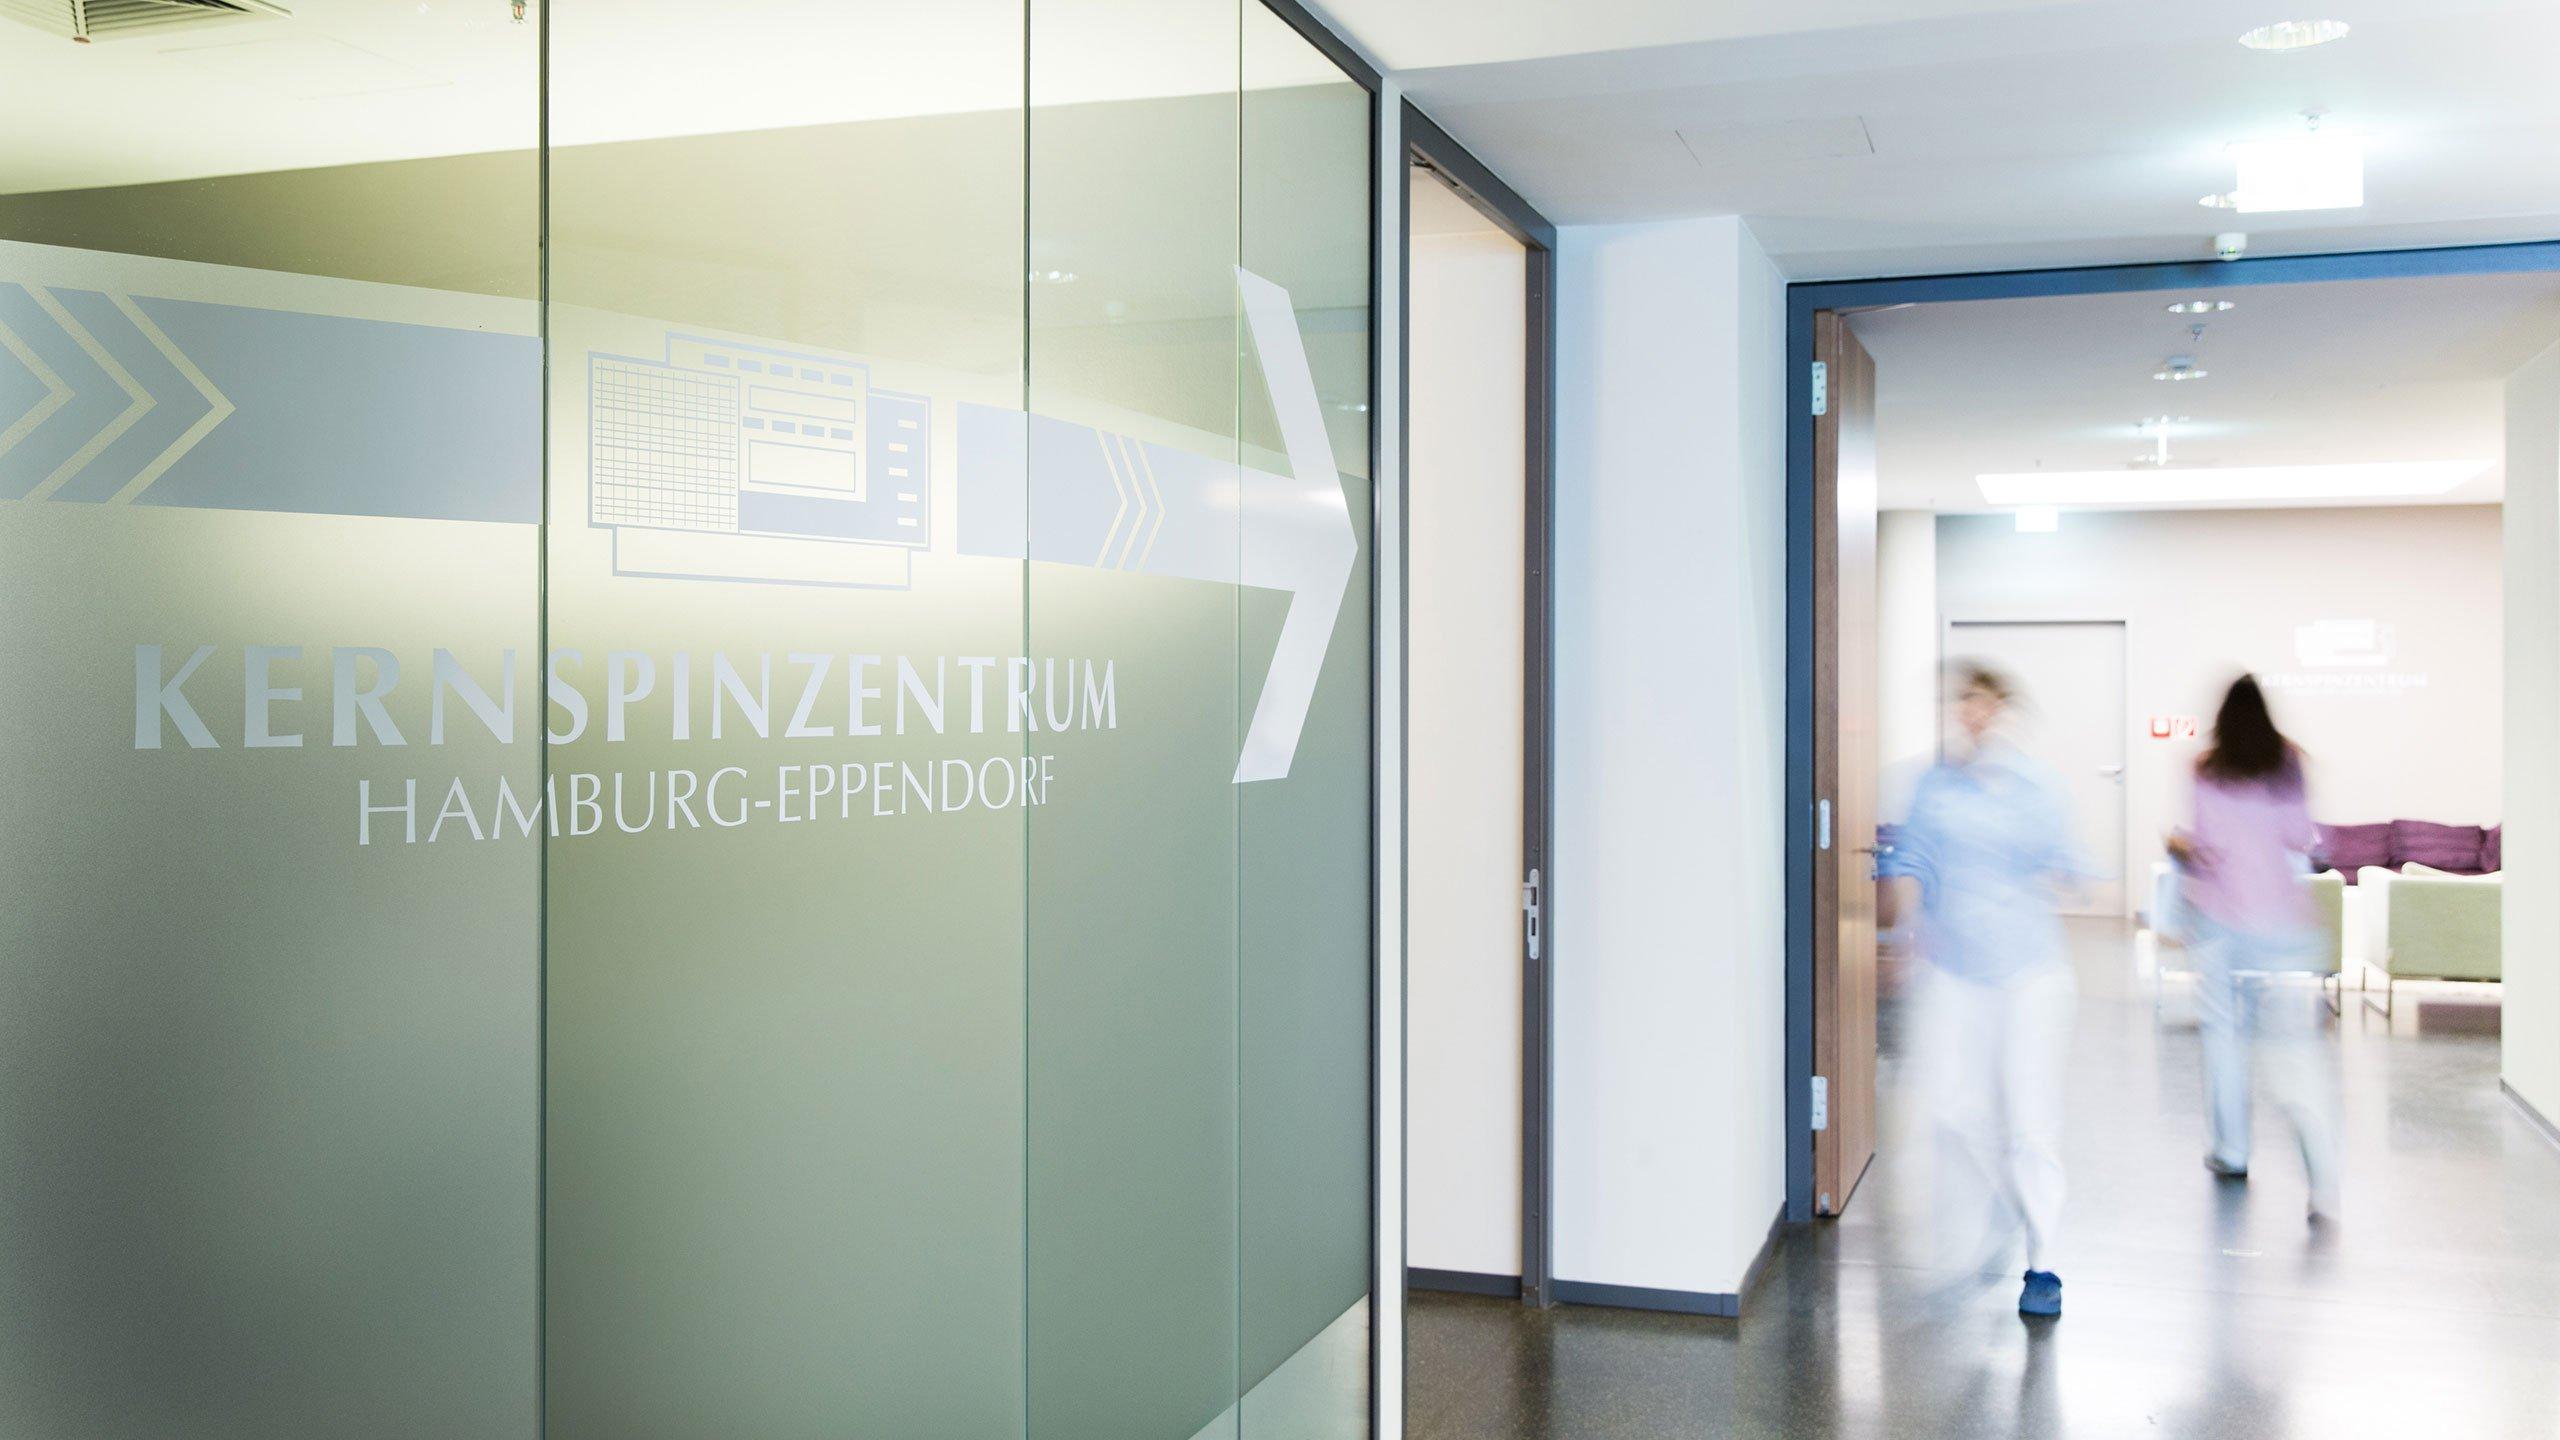 Kernspinzentrum - Hamburg Eppendorf - Praxis - Räumlichkeiten